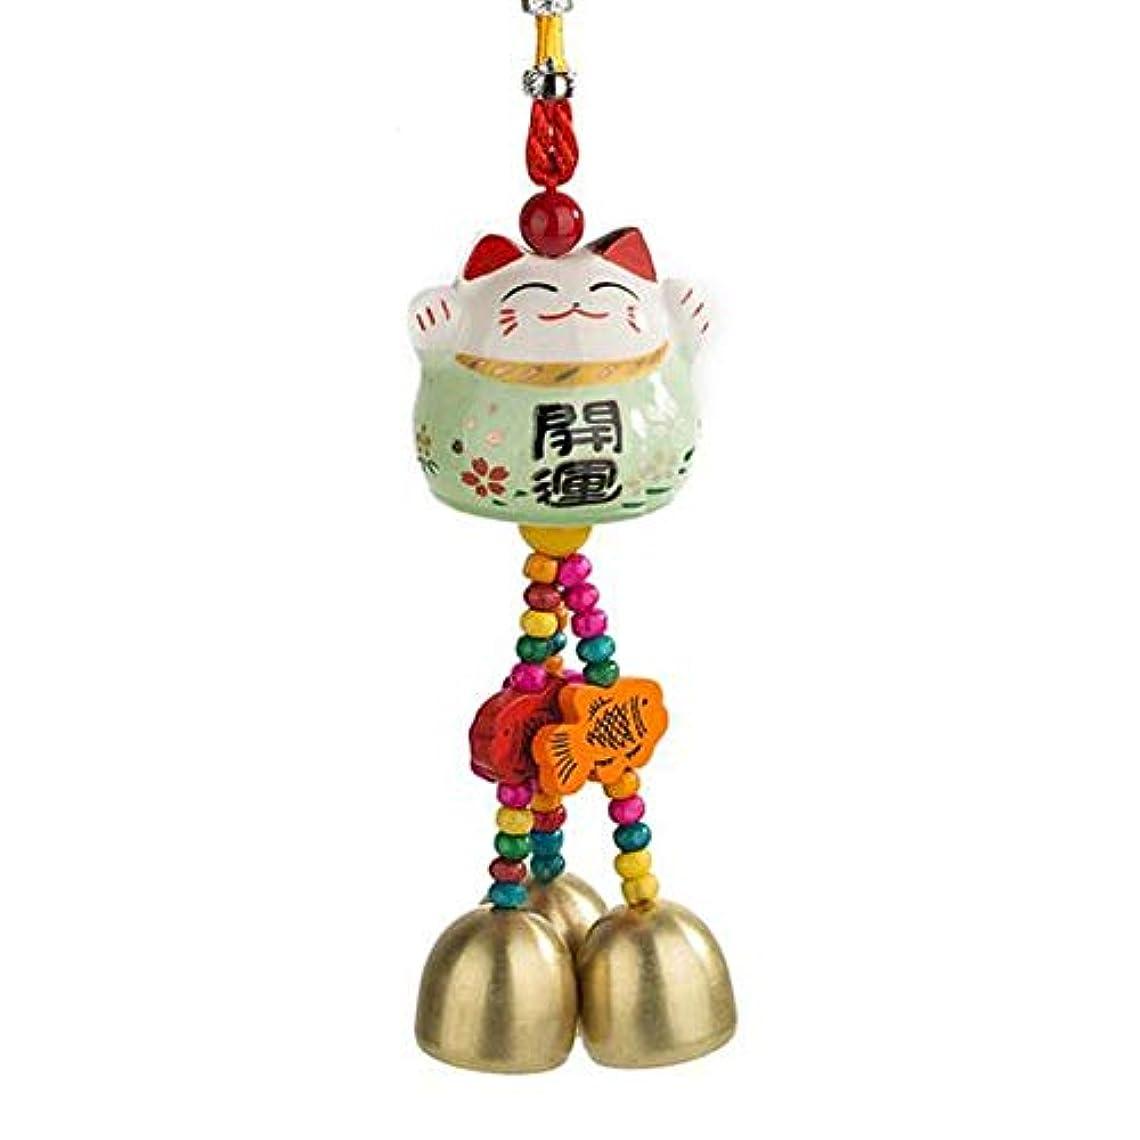 口混乱定規Kaiyitong01 風チャイム、かわいいクリエイティブセラミック猫風の鐘、グリーン、長い28センチメートル,絶妙なファッション (Color : Green)